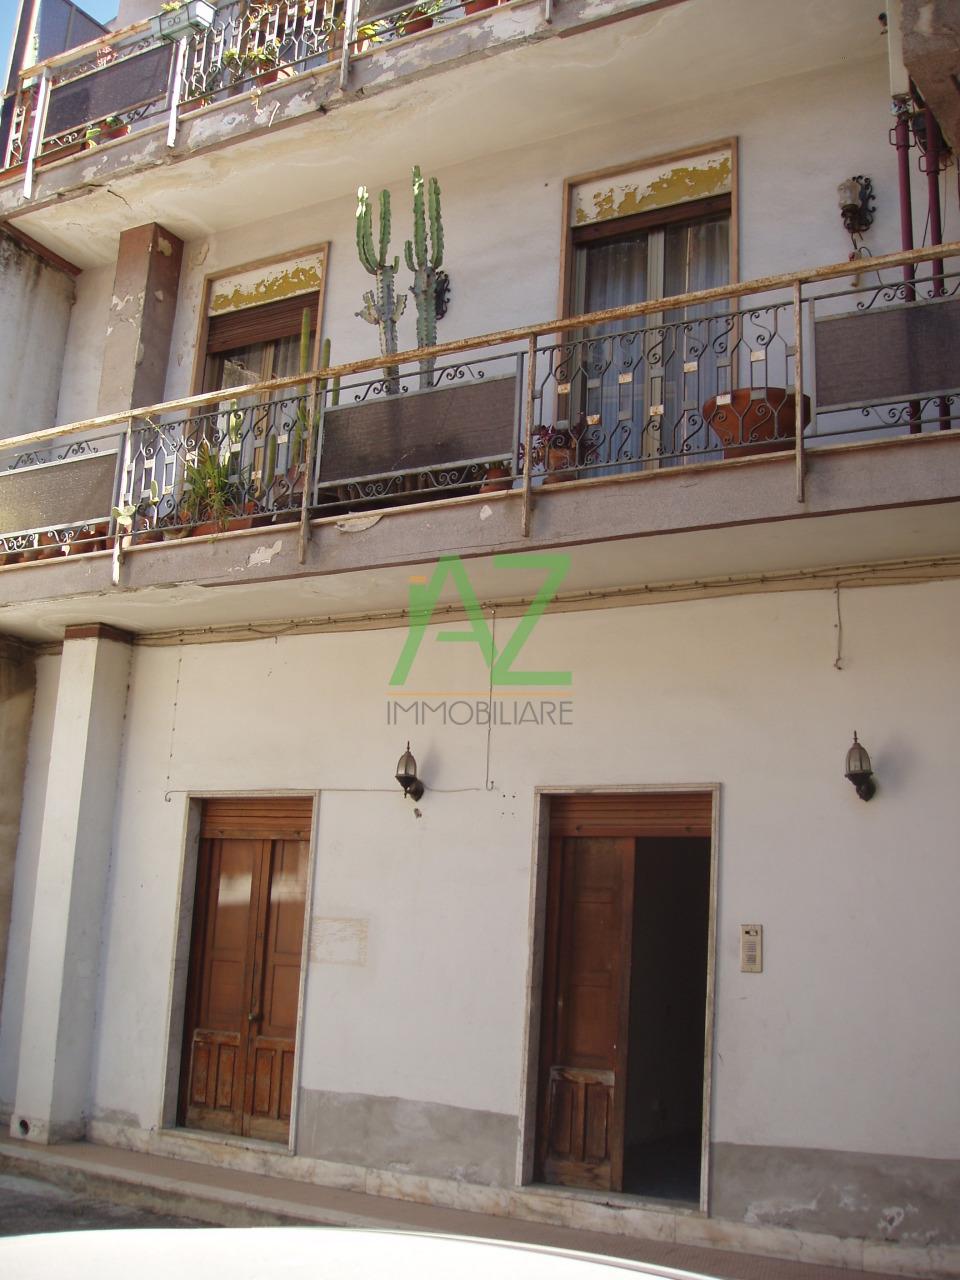 Soluzione Indipendente in vendita a Misterbianco, 4 locali, prezzo € 105.000 | Cambio Casa.it